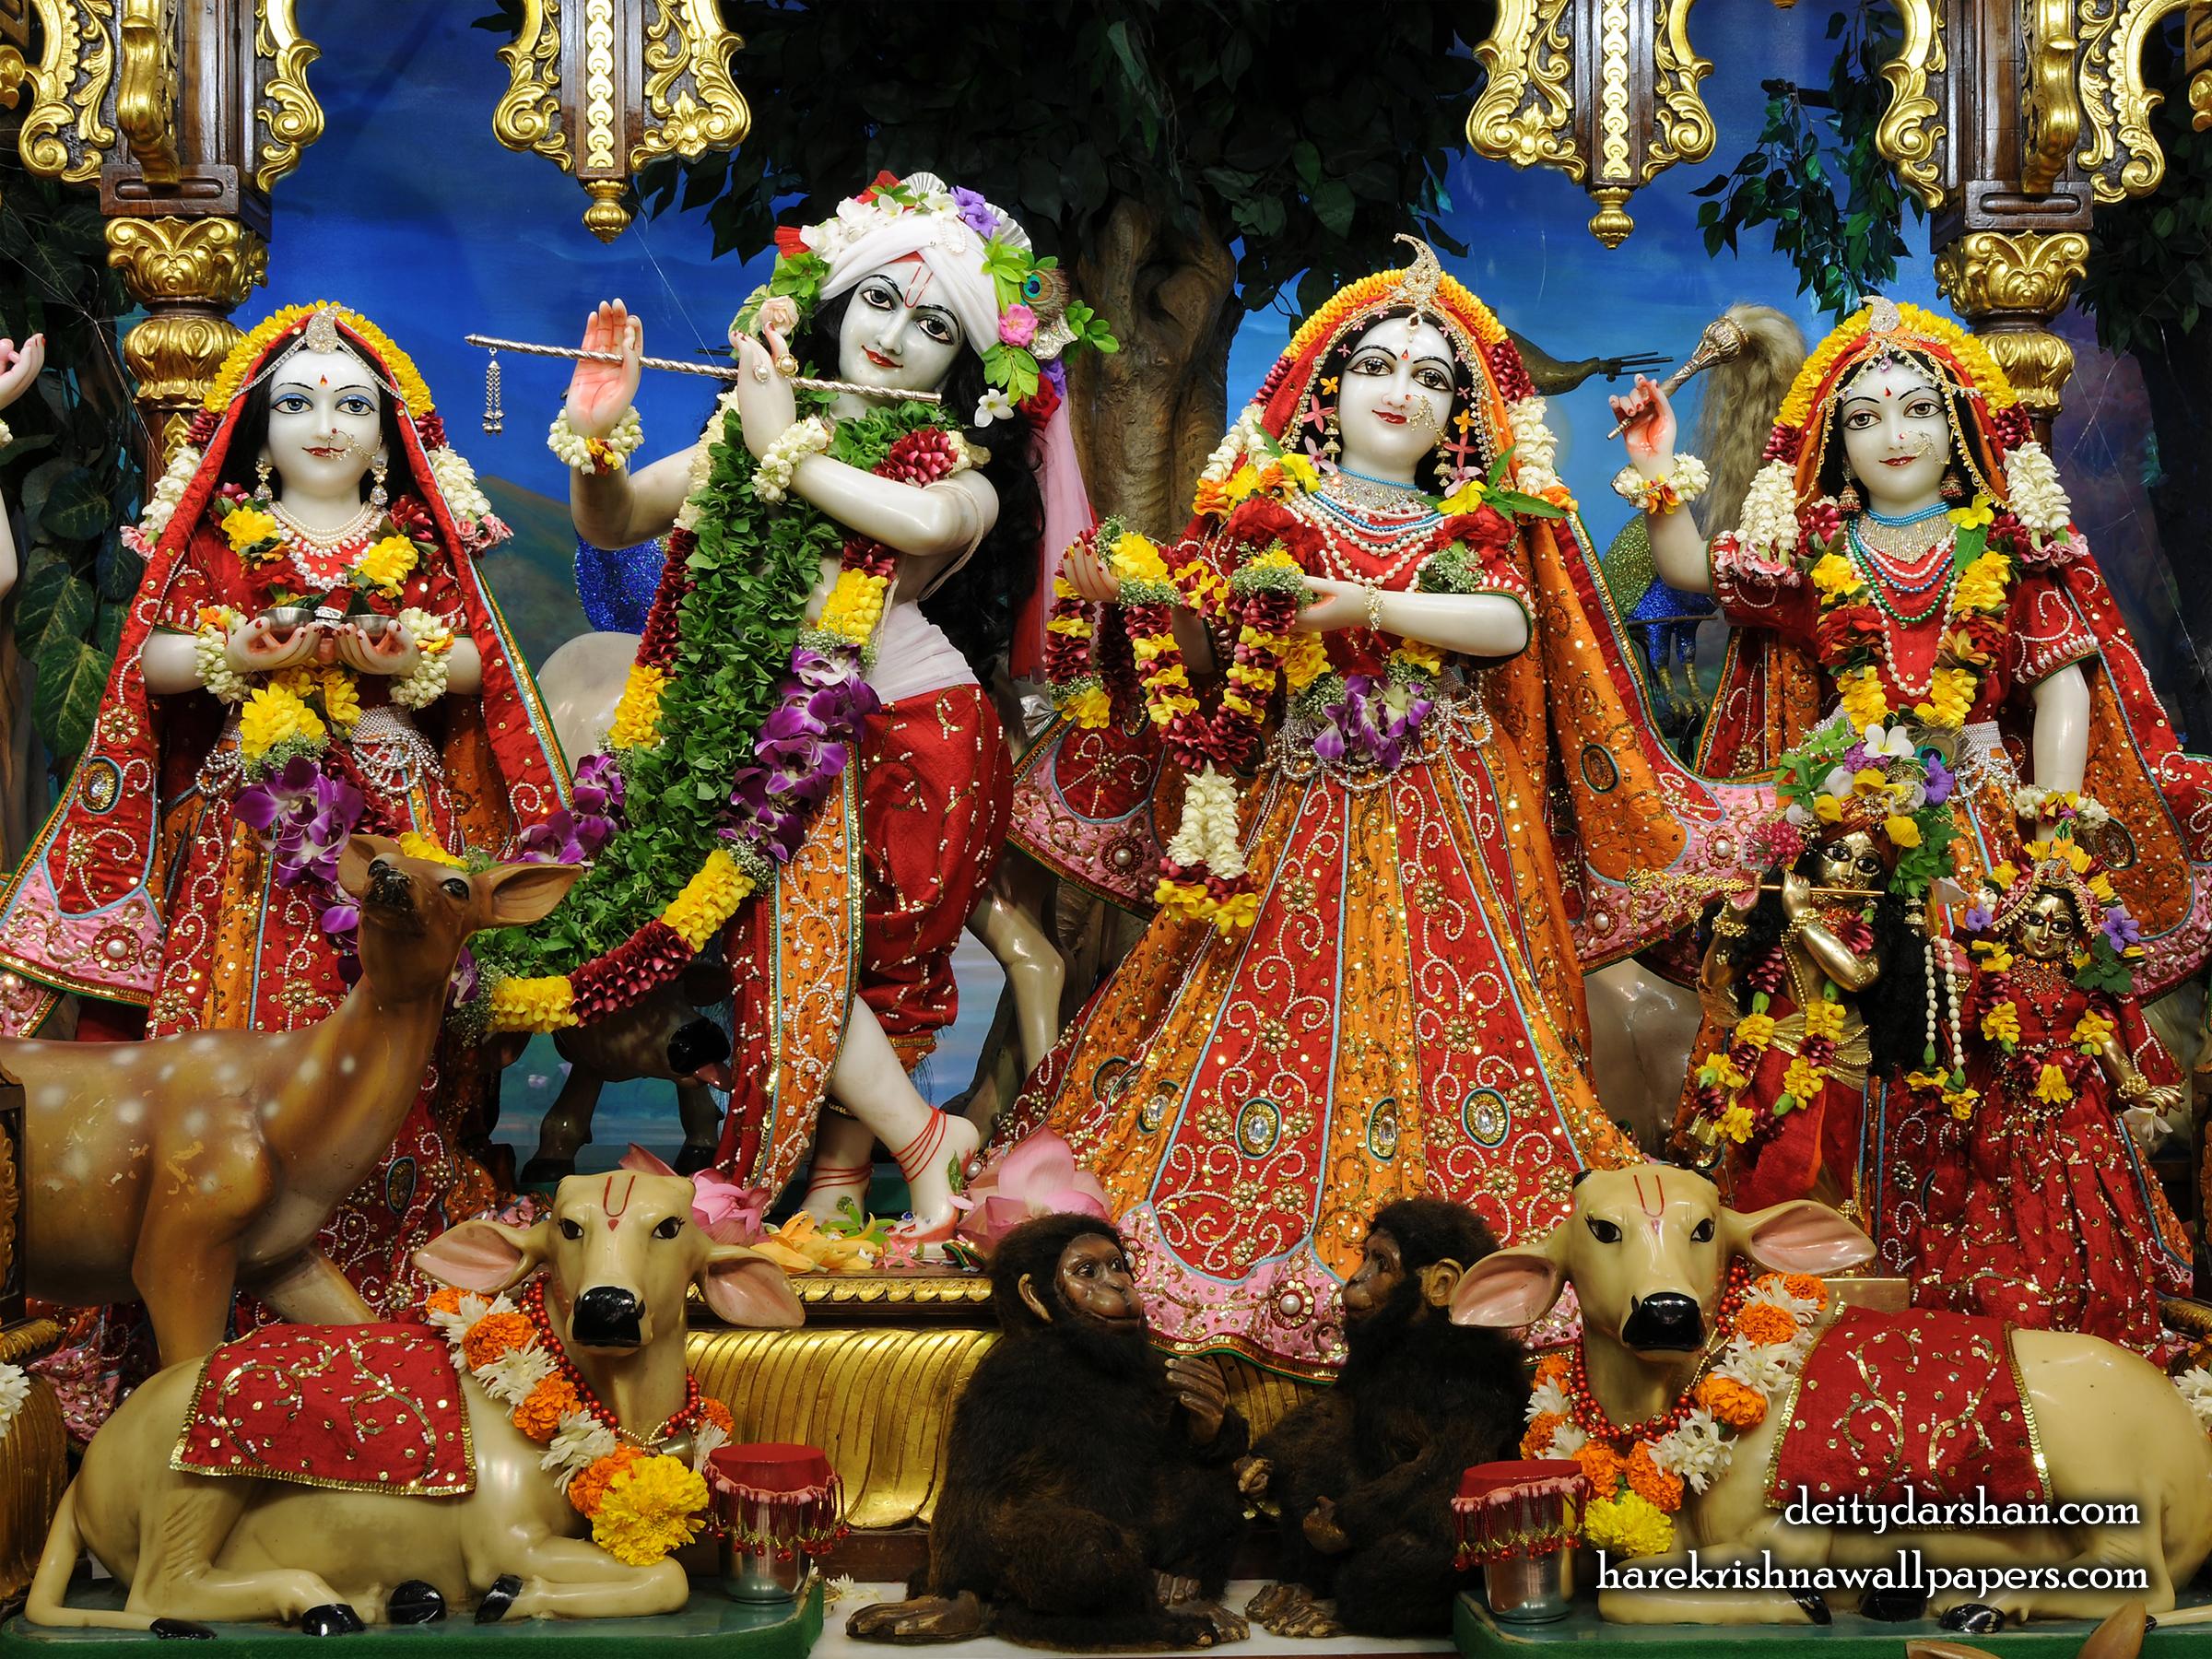 Sri Sri Radha Gopinath Lalita Vishakha Wallpaper (061) Size 2400x1800 Download